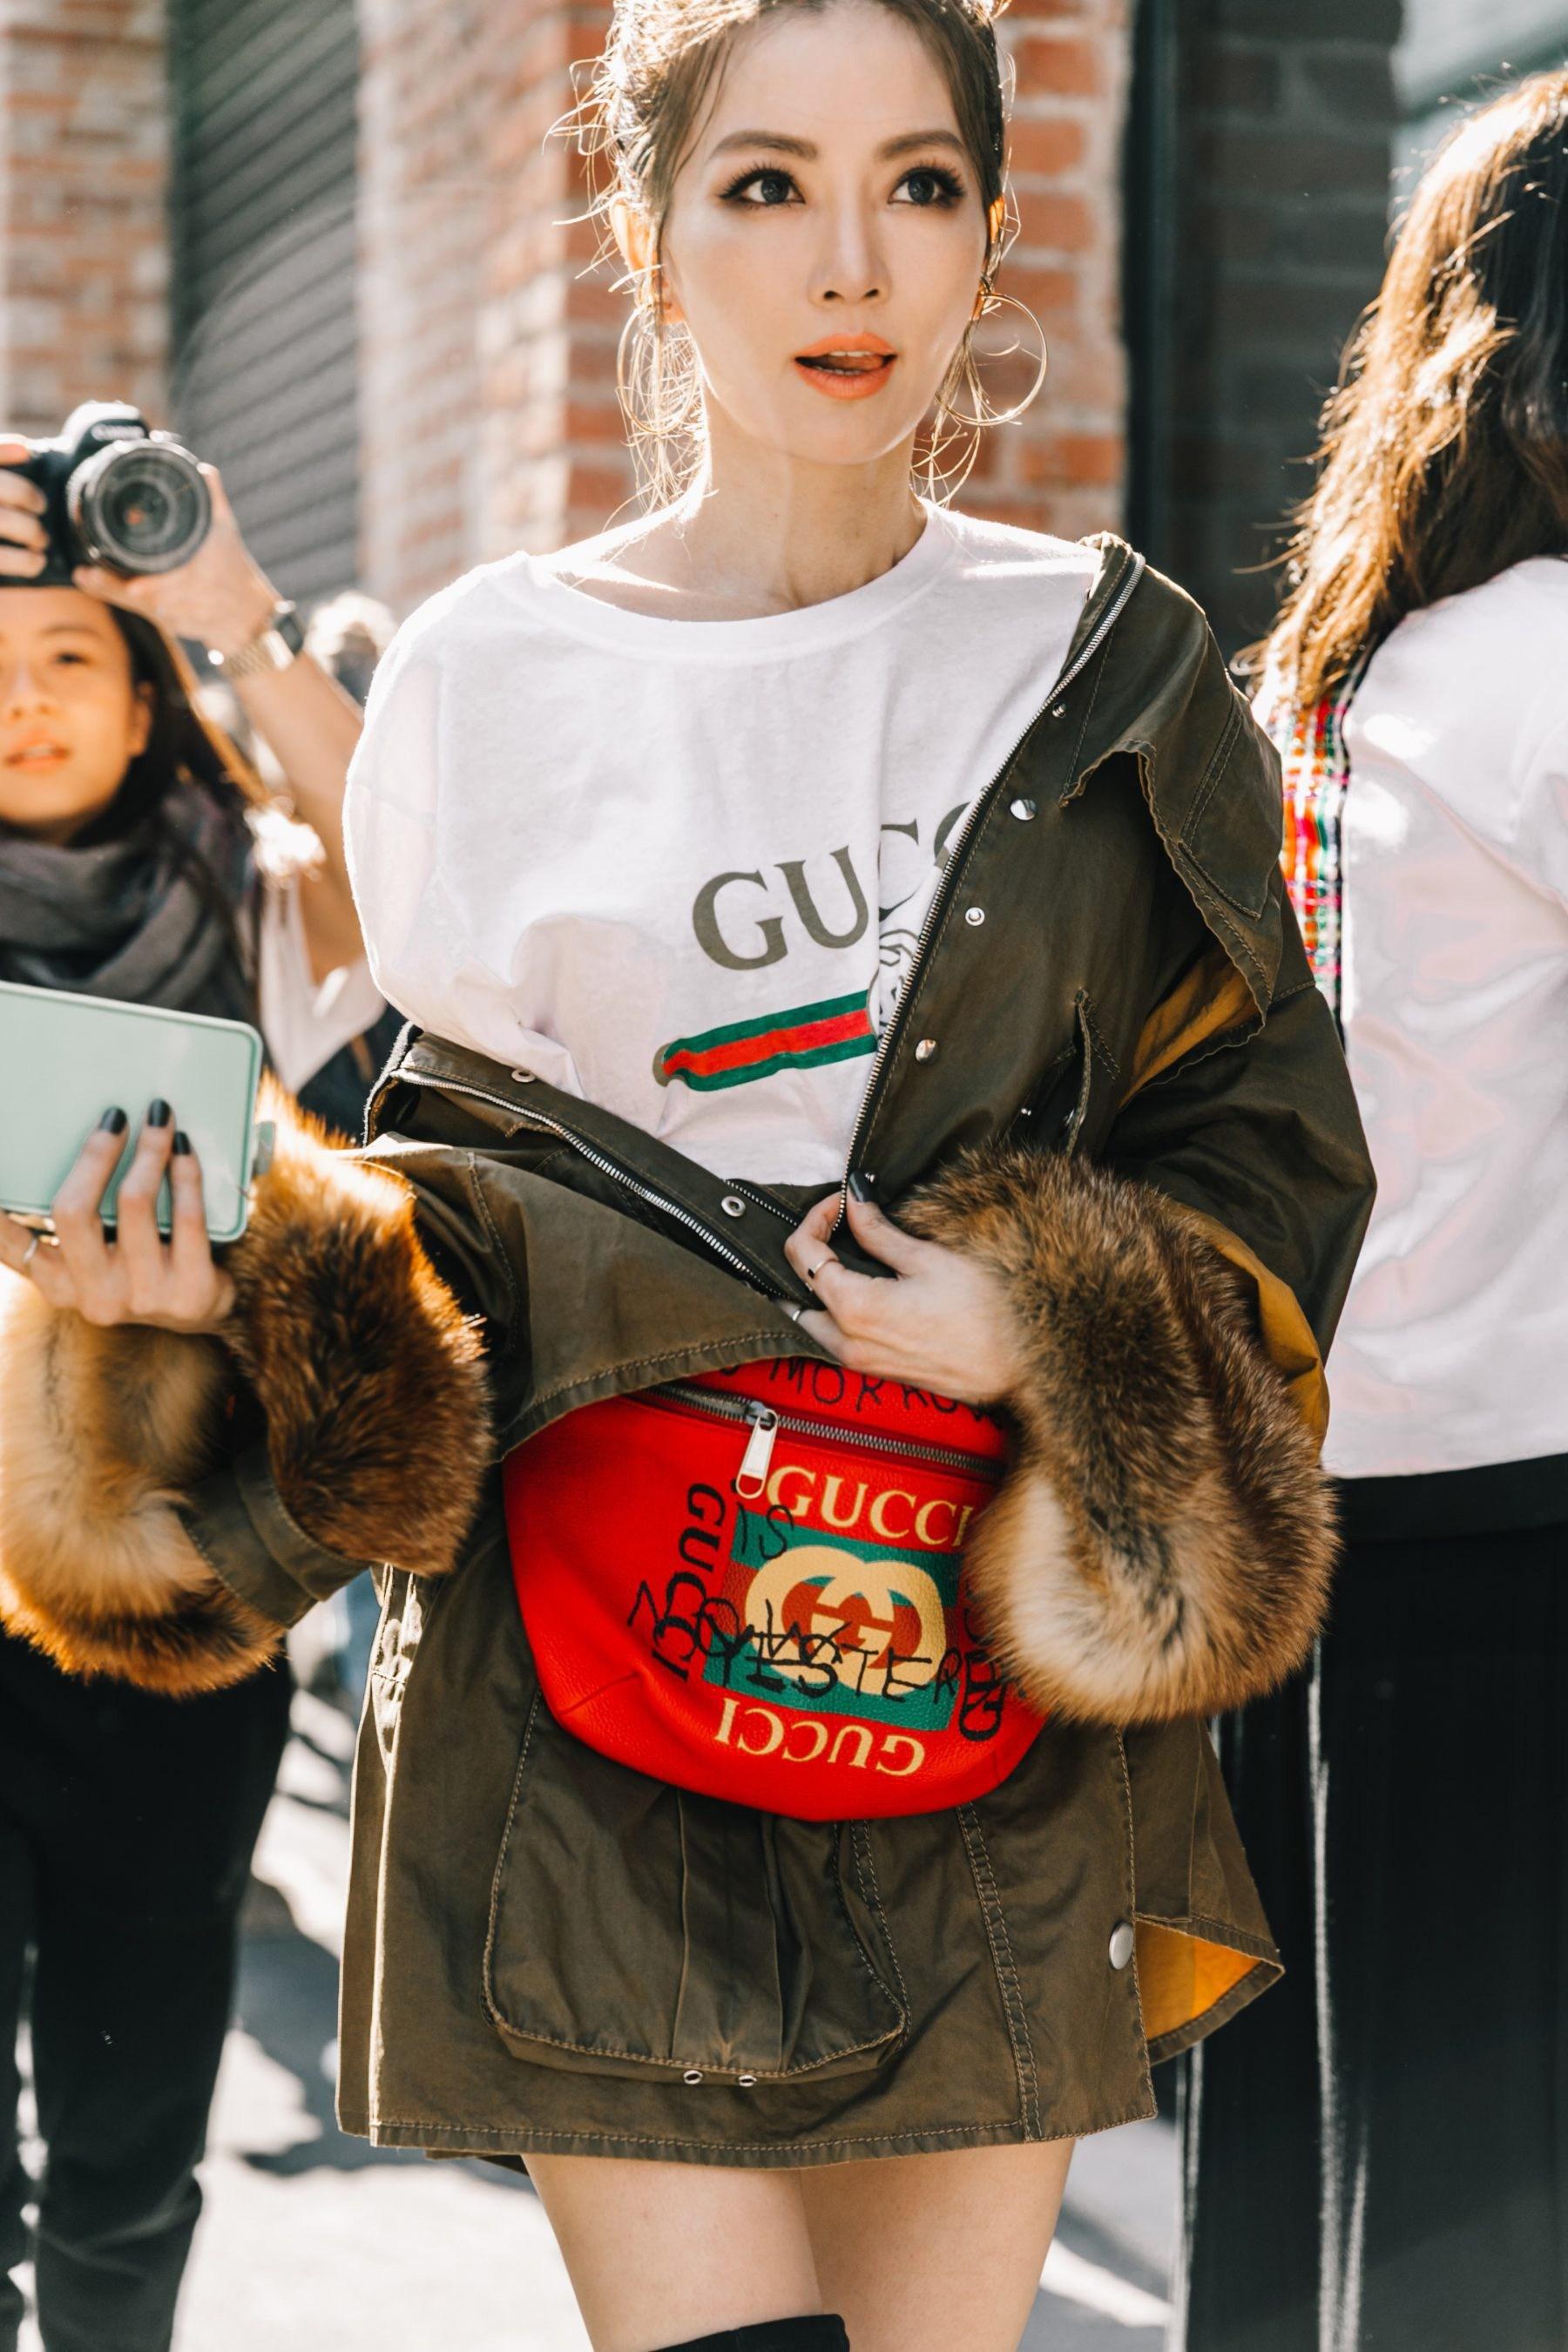 Gucci – thương hiệu thời trang danh giá số 1 thế giới